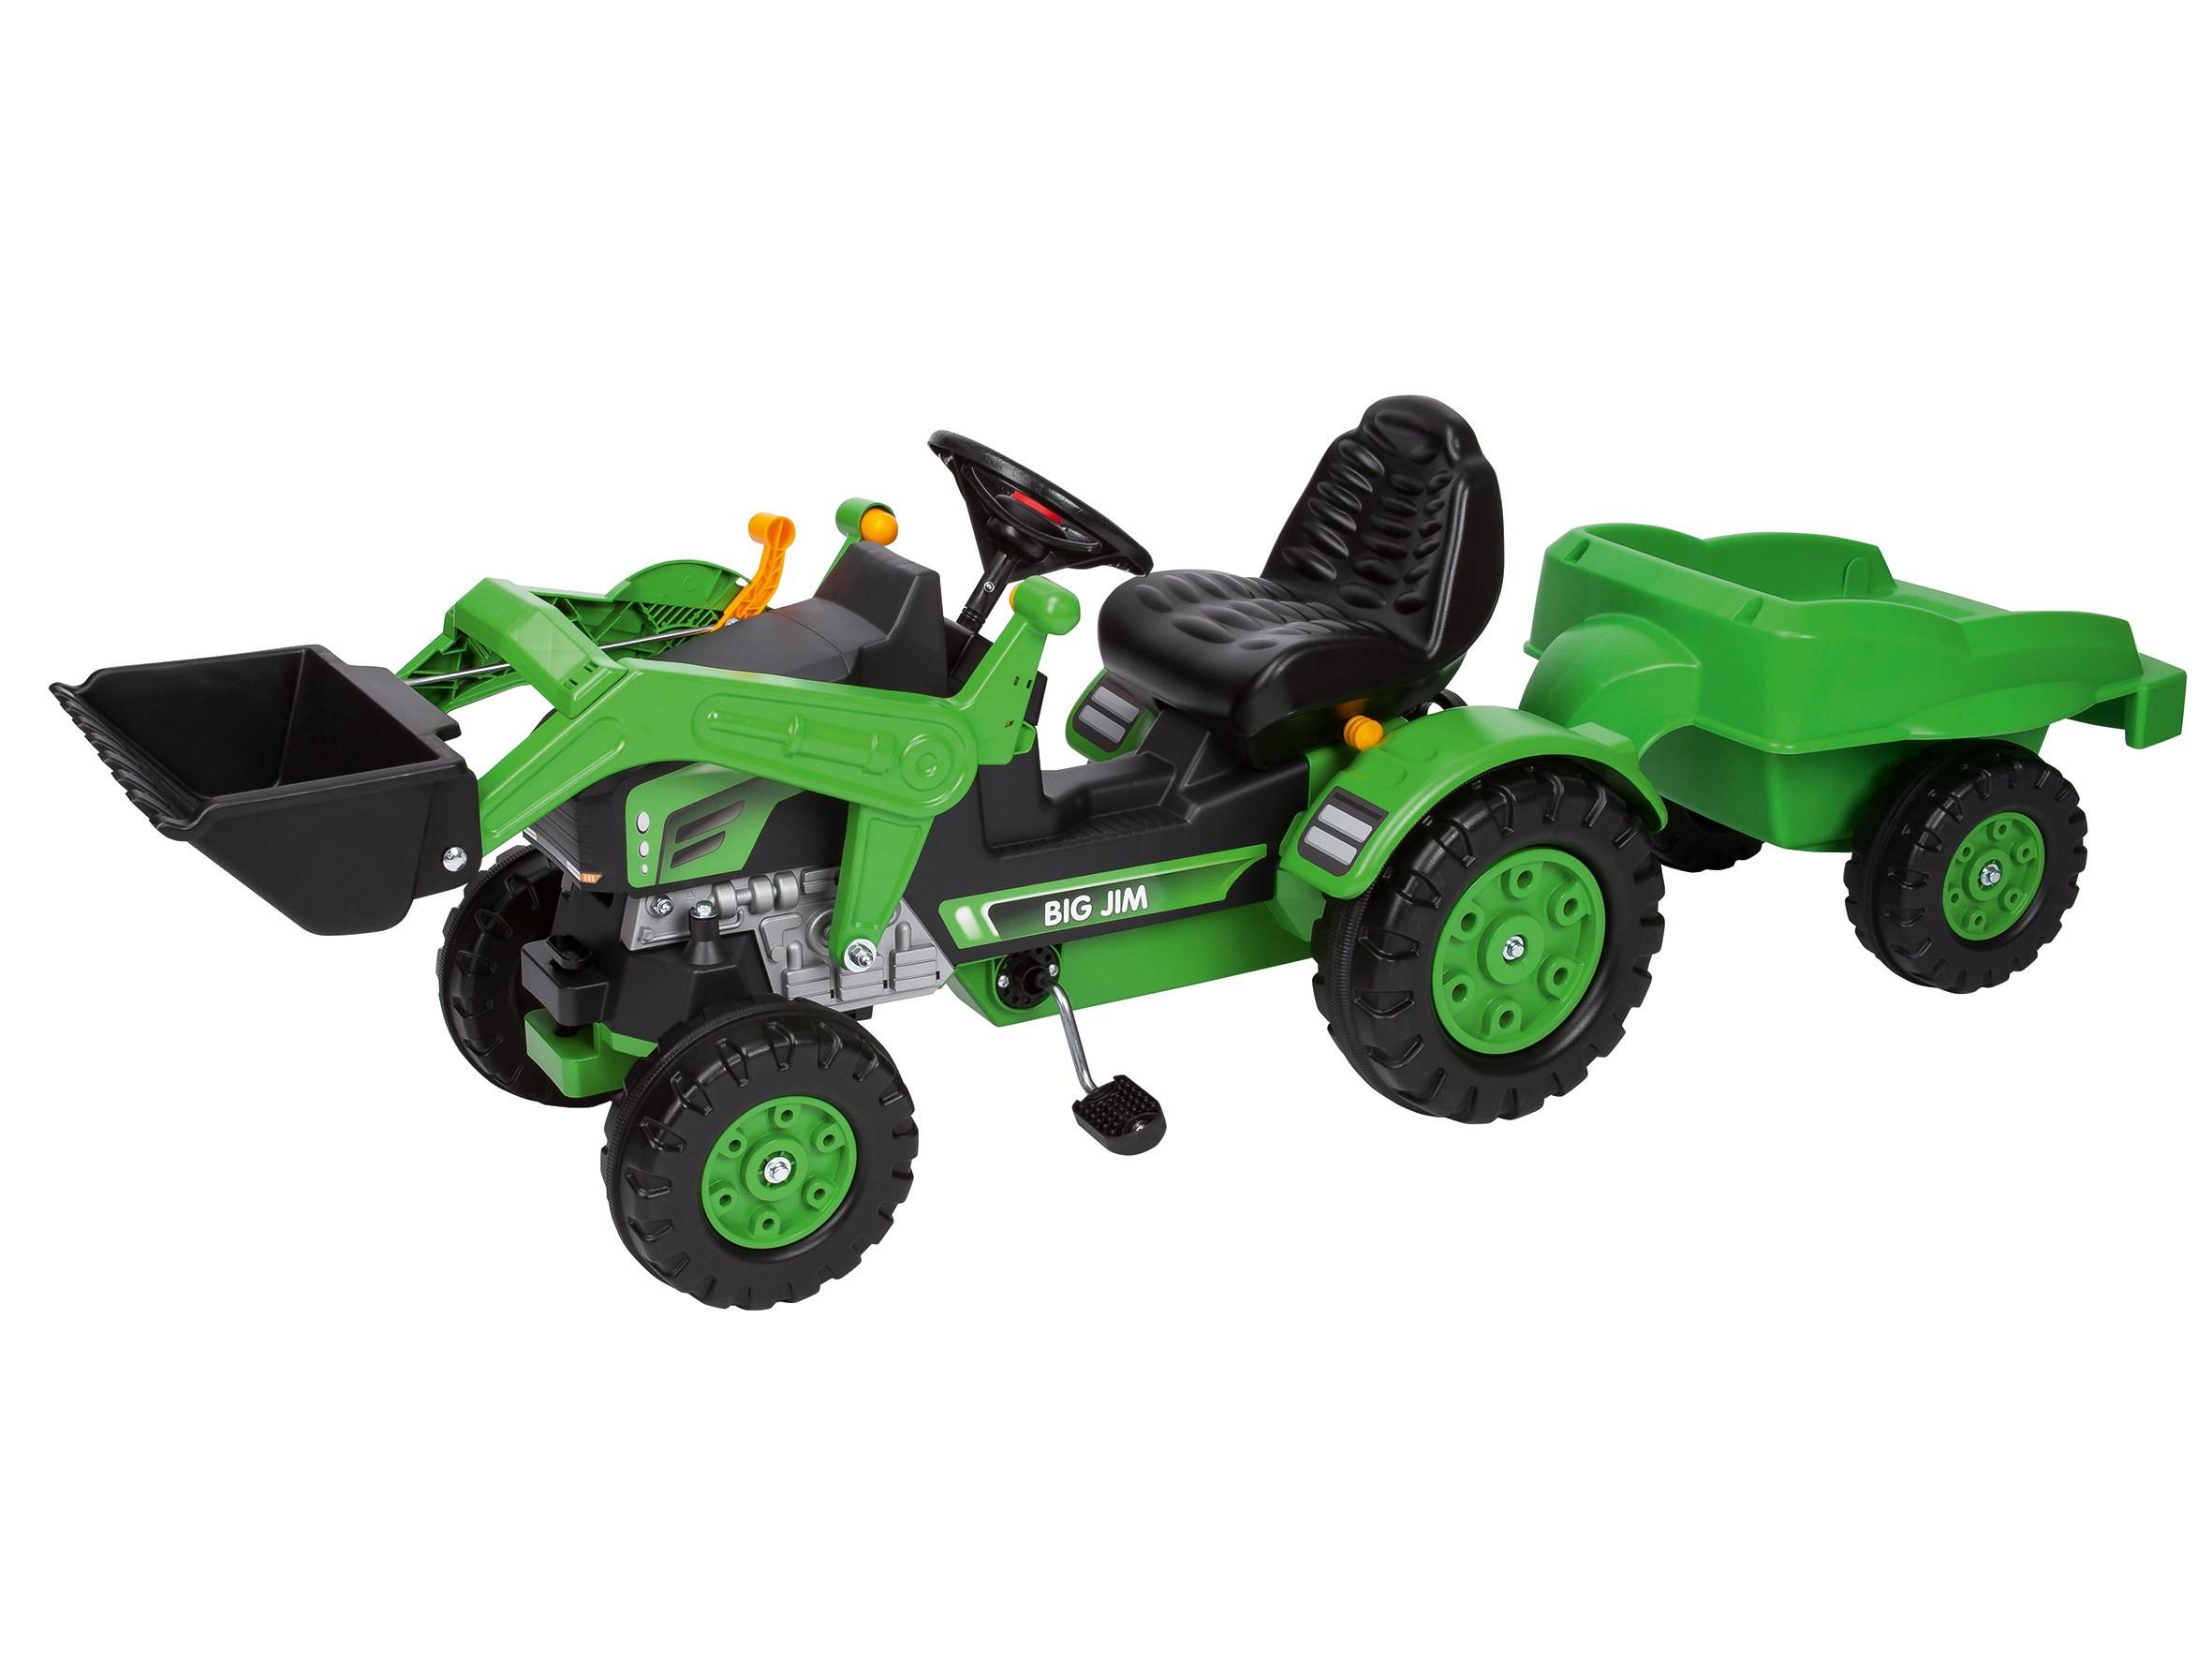 BIG Jim-Loader + Trailer Traktor für Kinder Bild 1